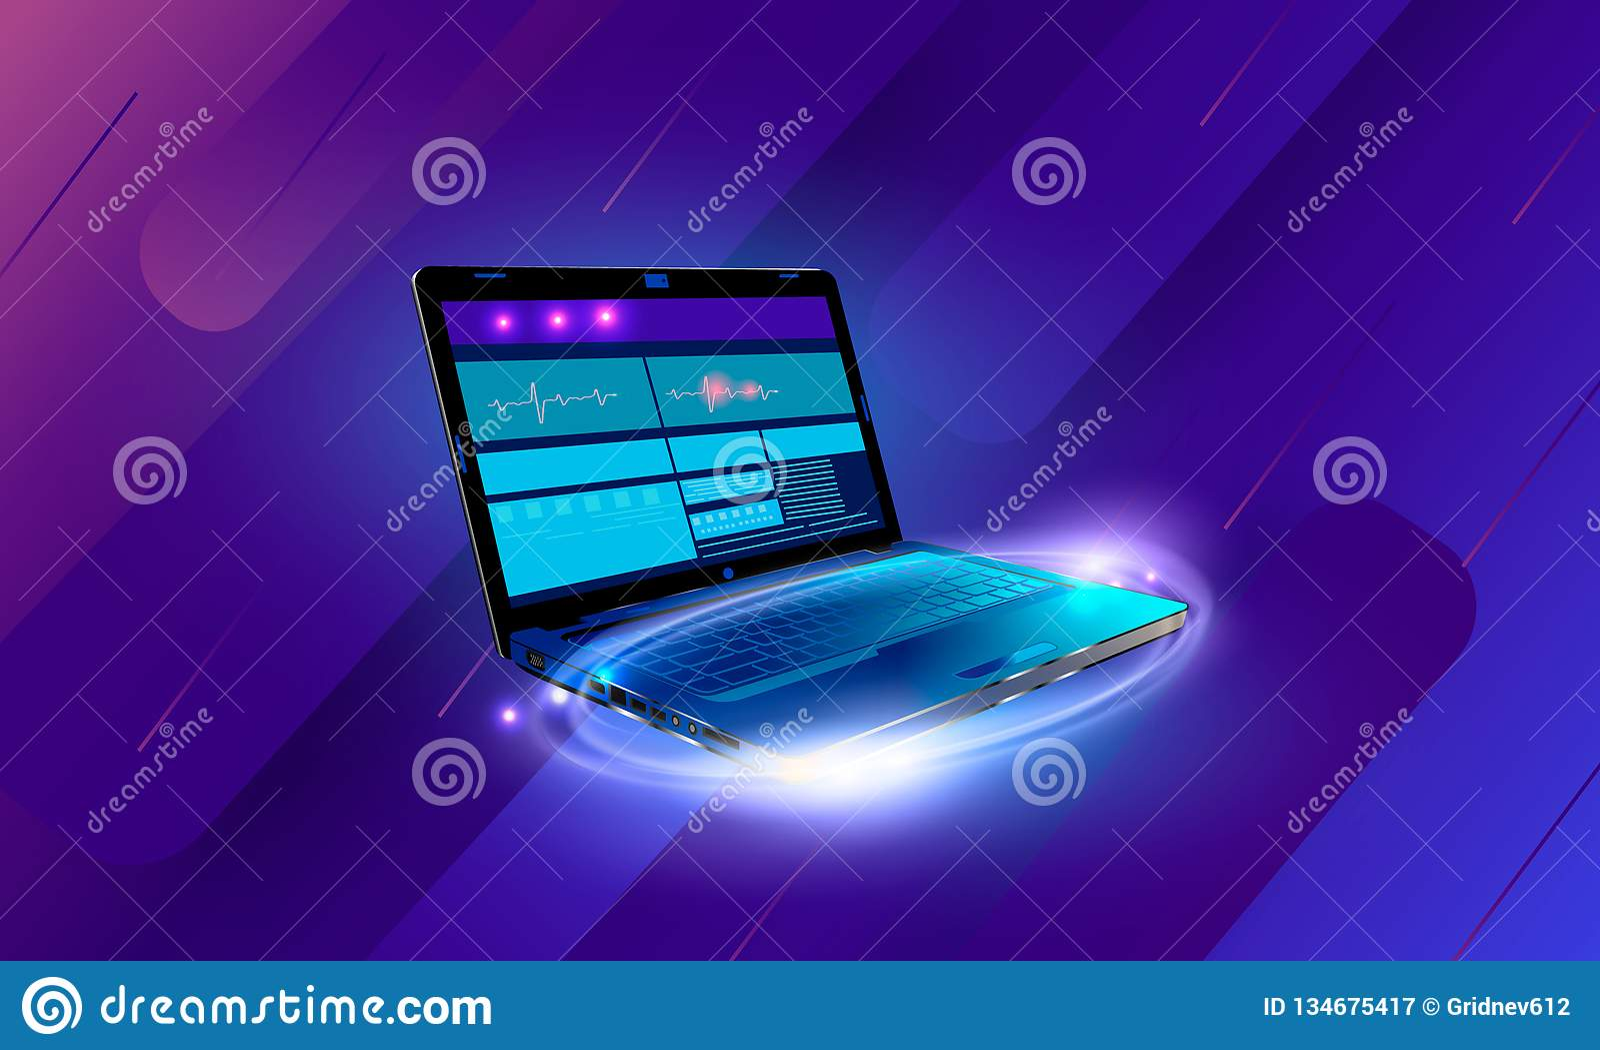 Развитие и кодирвоание сети Перекрестный вебсайт развития платформы Приспособительные страница интернета плана или интерфейс сети